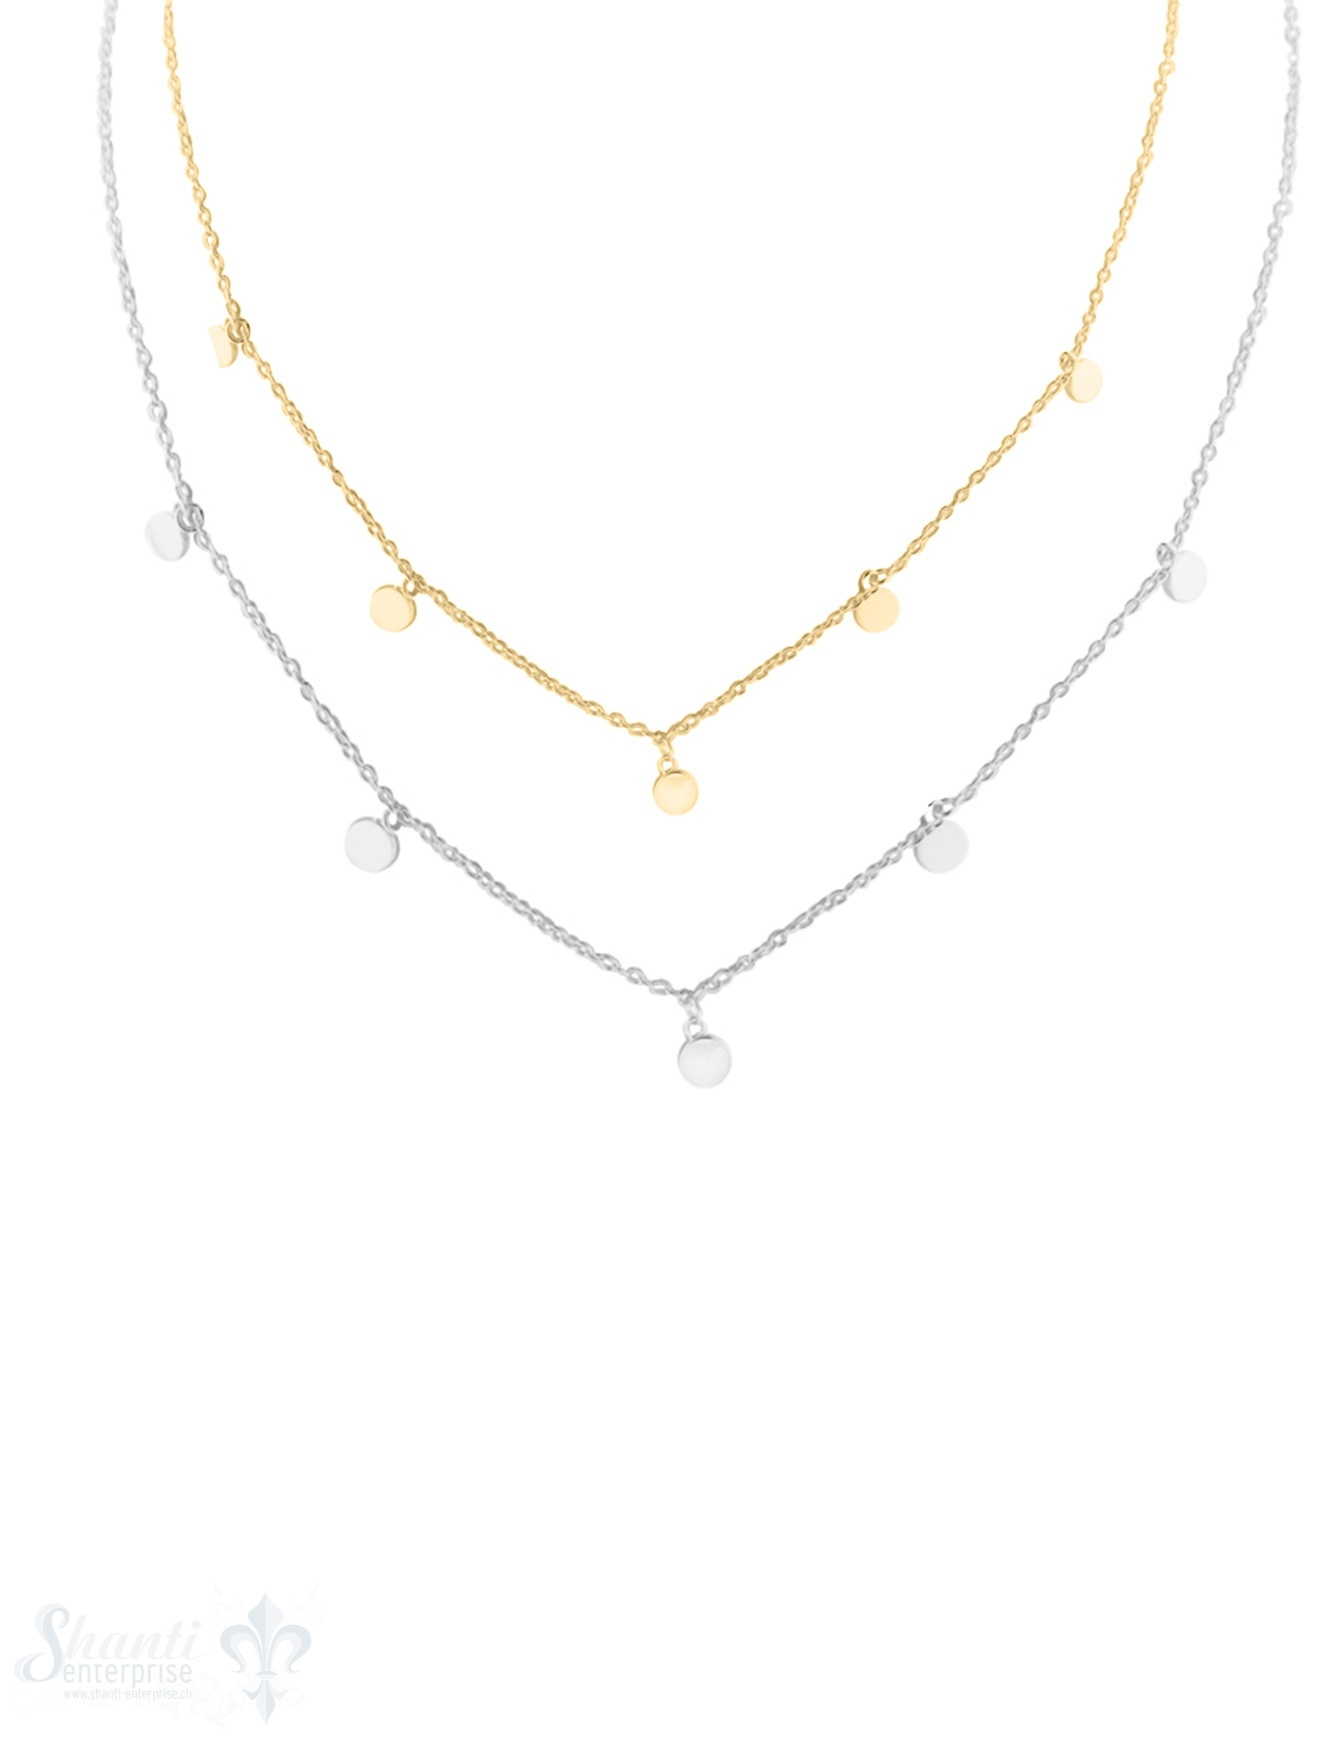 Halskette fein in der Mitte 5 Disk 4 mm hängend, poliert, Grössenverstellbar 41-45 cm und 36 u. 38 cm